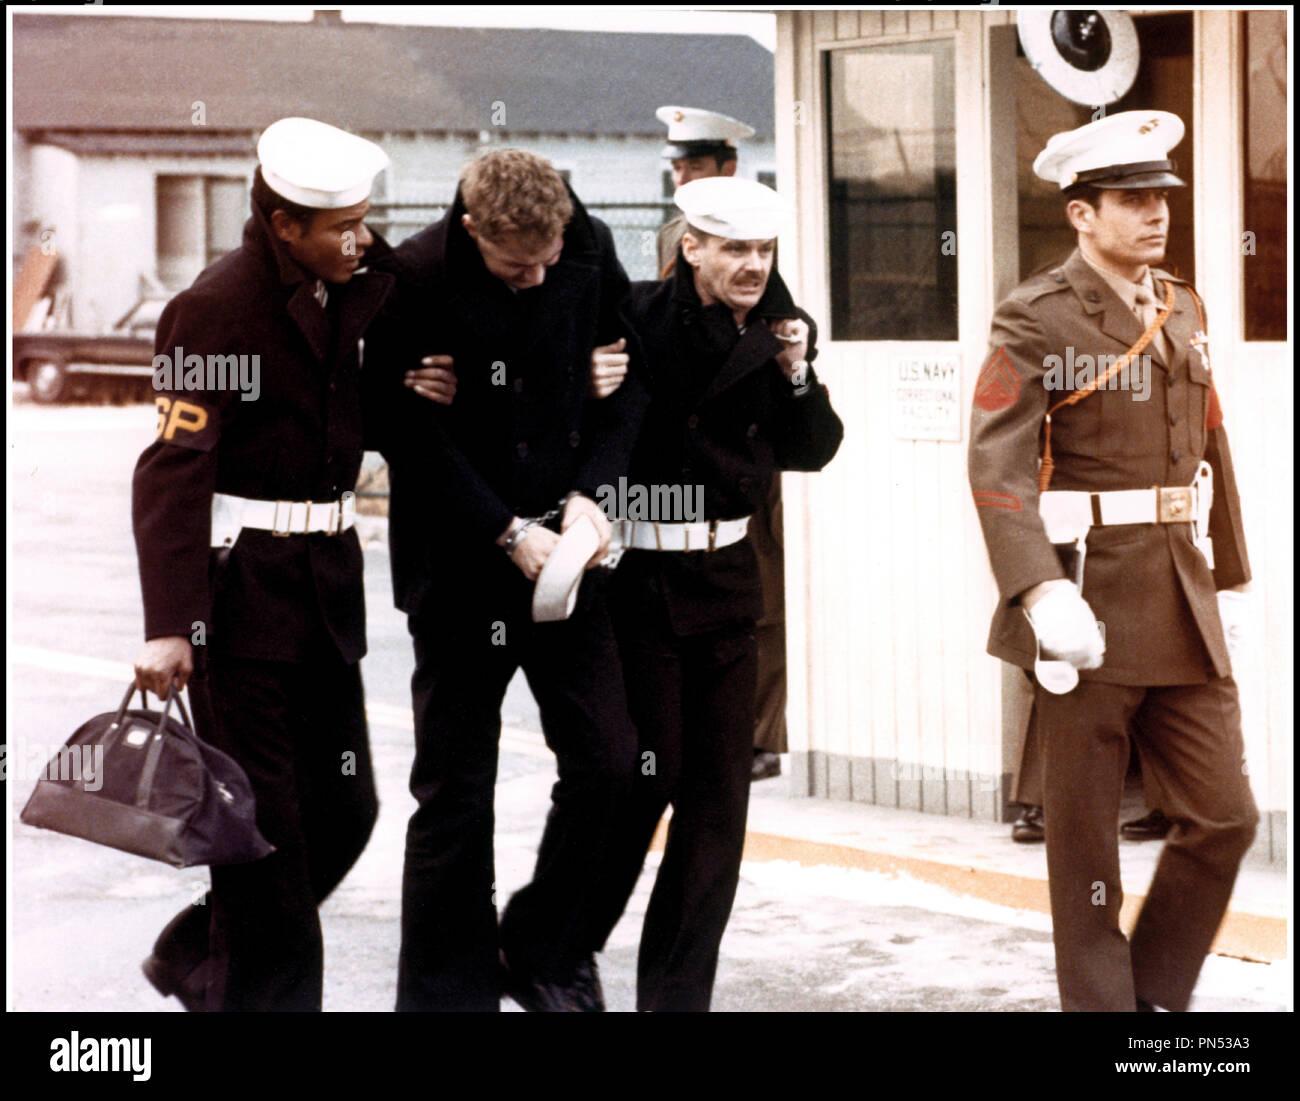 Prod DB © Columbia Pictures / DR LA DERNIERE CORVEE (THE LAST DETAIL) de Hal Ashby 1973 USA Otis Young, Randy Quaid et Jack Nicholson marin, d'apres le roman de Darryl Ponicsan - Stock Image